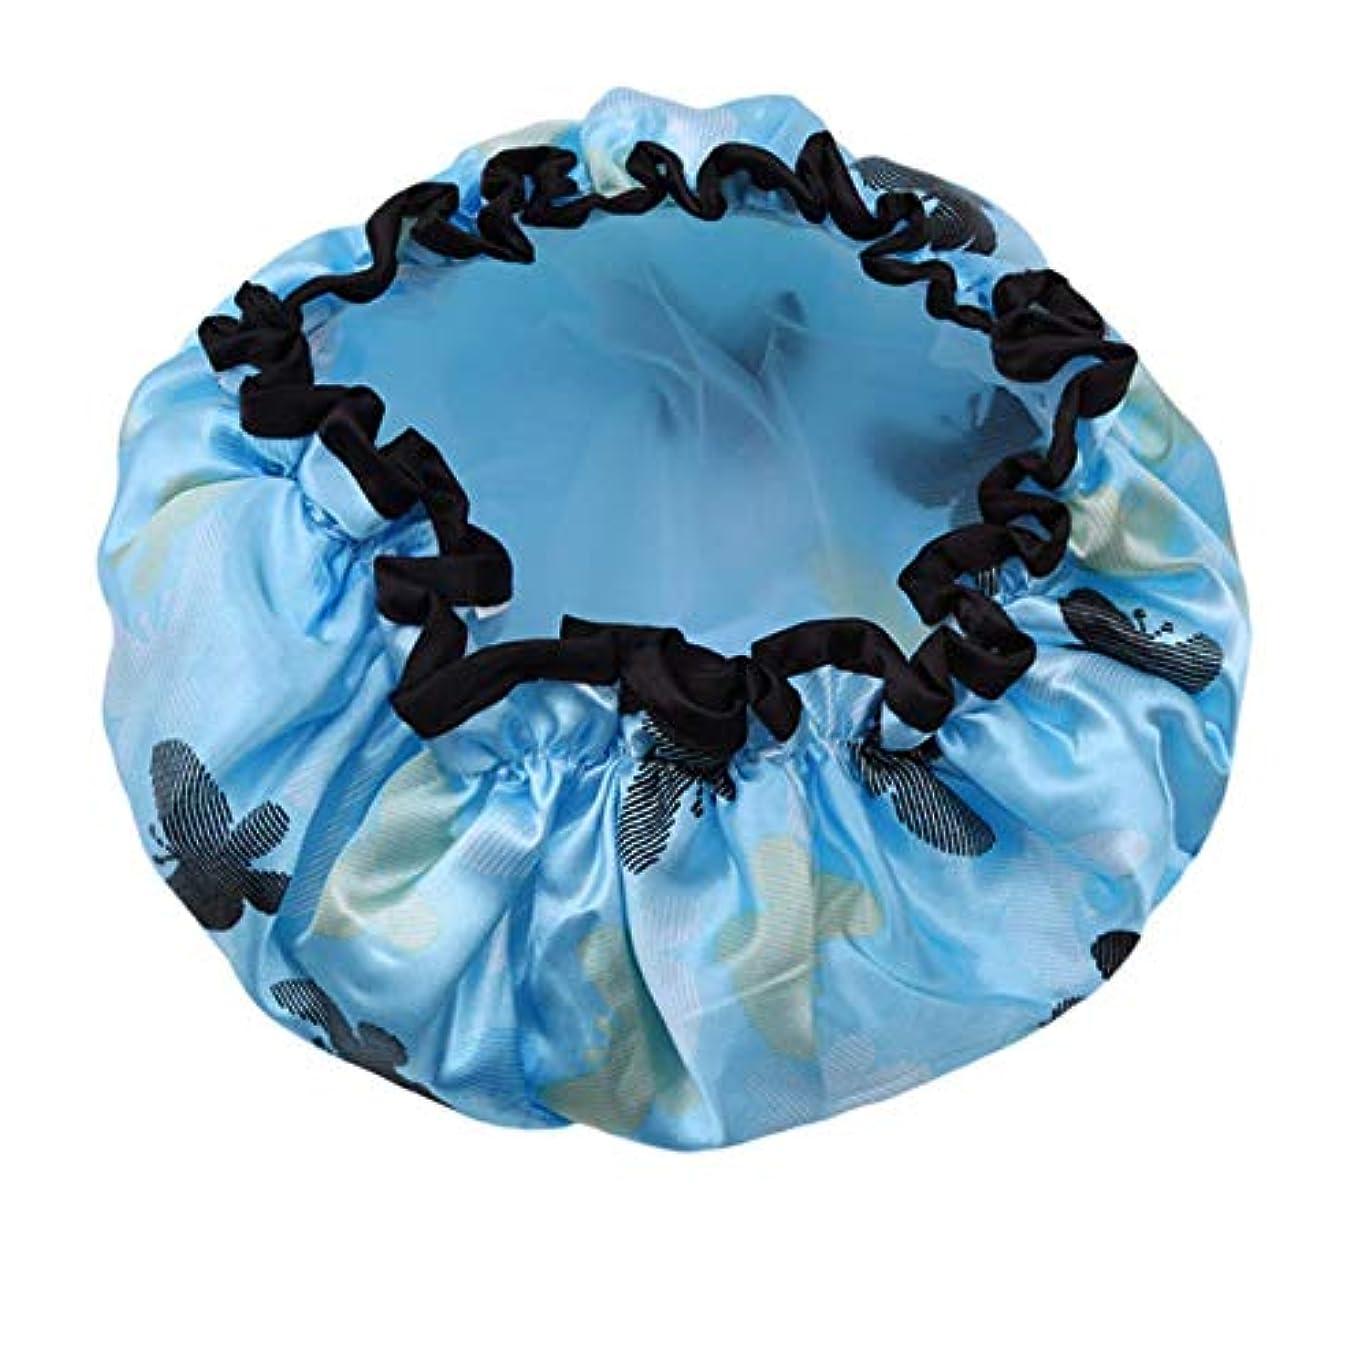 パーティー分子手紙を書く1st market プレミアム二層バスキャップエラスティックバンドシャワー帽子防水女性用シャワースパスタイル3